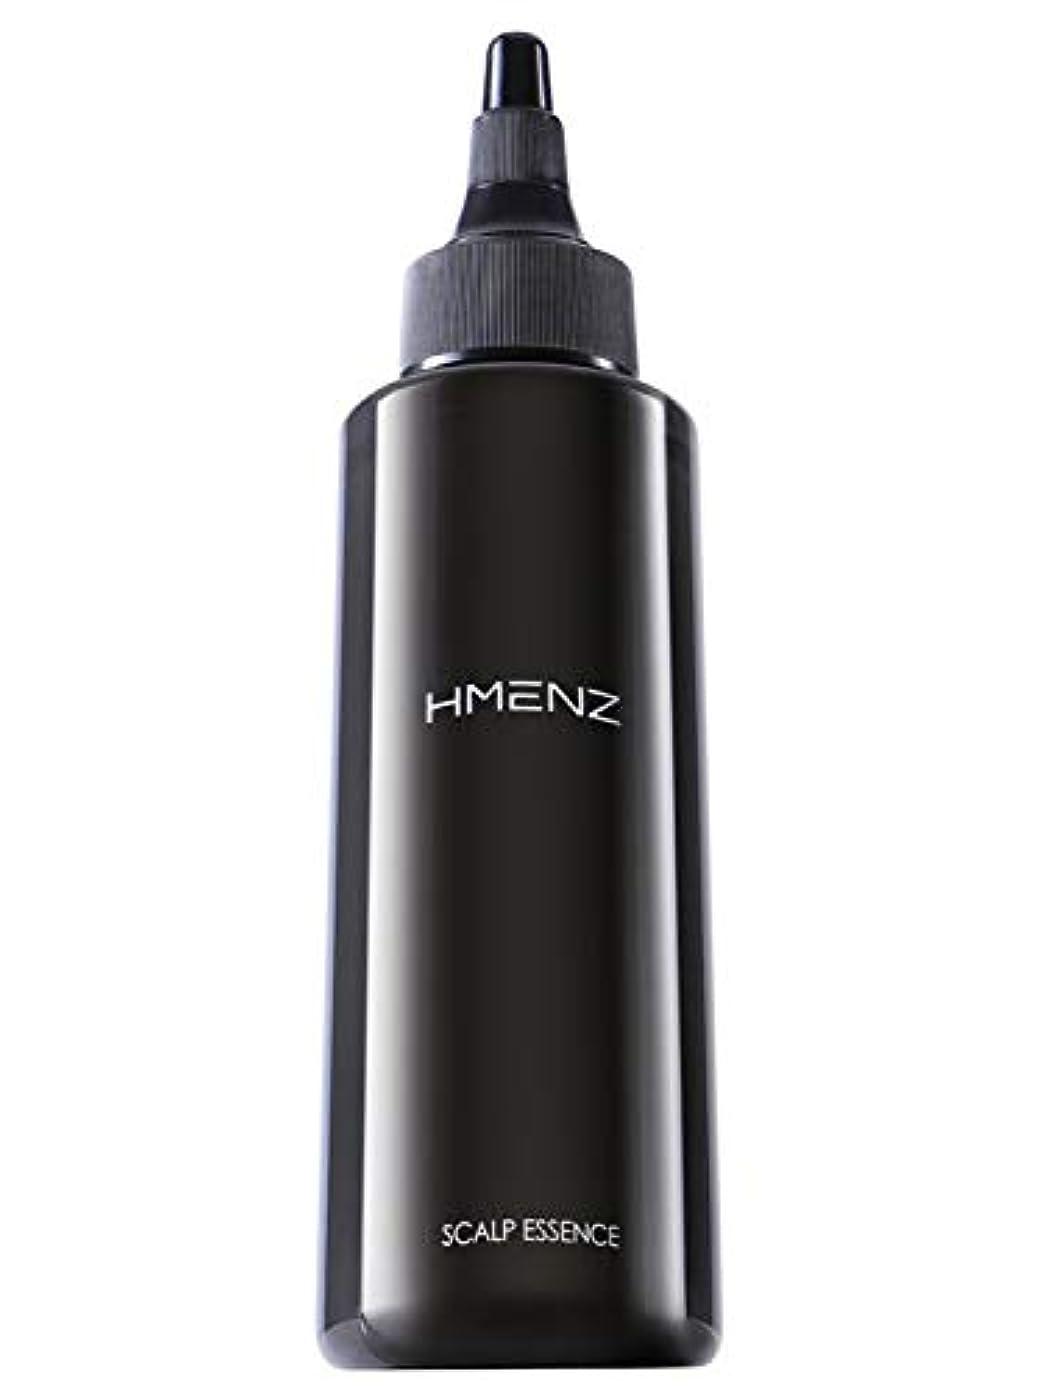 スタイル毎年燃料医薬部外品 HMENZ メンズ 育毛剤 スカルプエッセンス 毛髪エイジングケアシリーズ 和漢根 海藻配合 育毛トニック 120ml